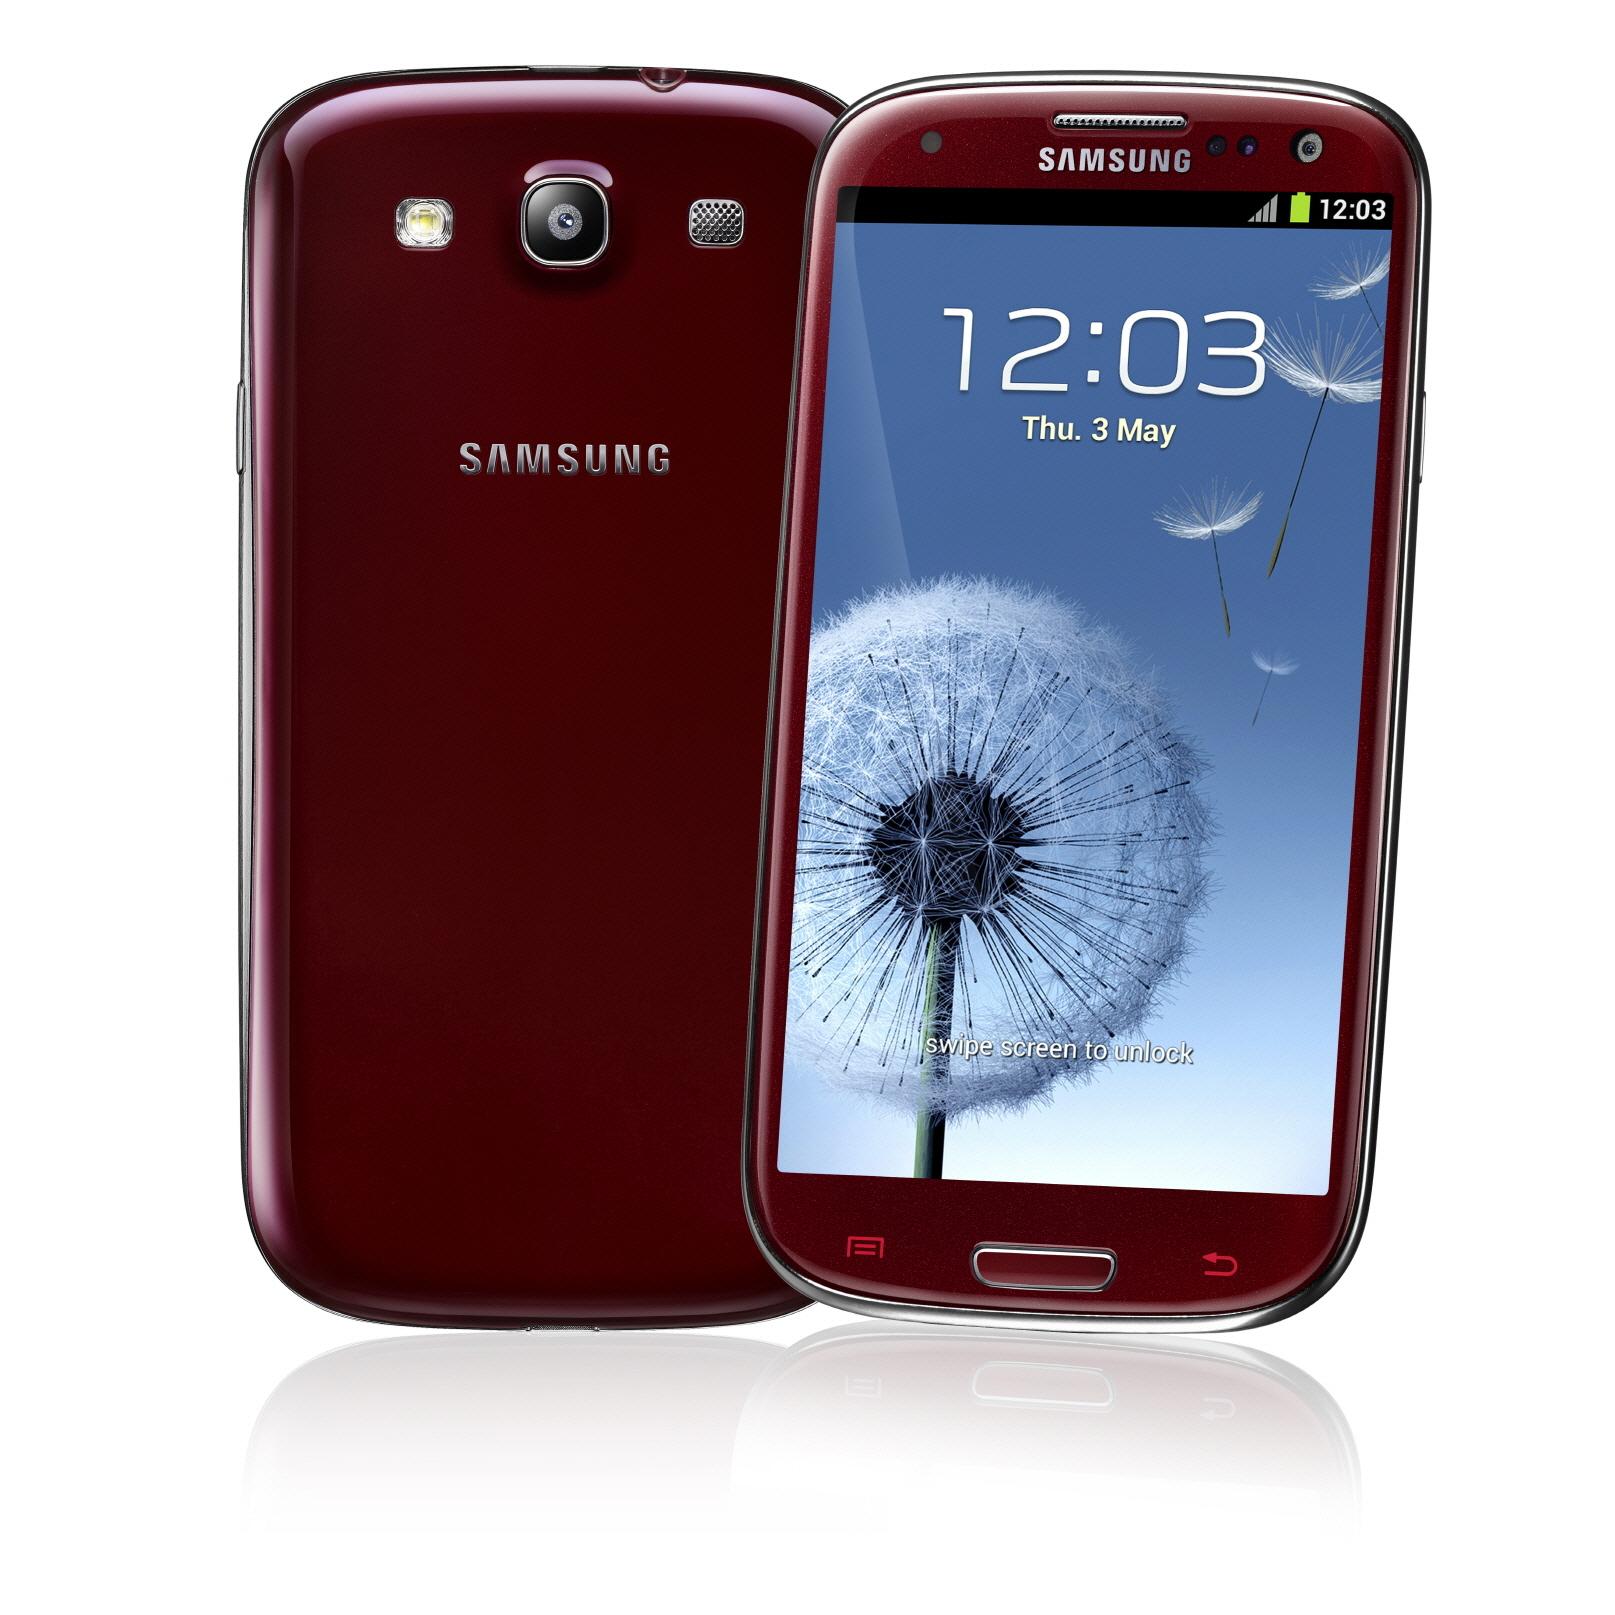 Samsung Galaxy S III color Rojo Red Garnet en México con Telcel